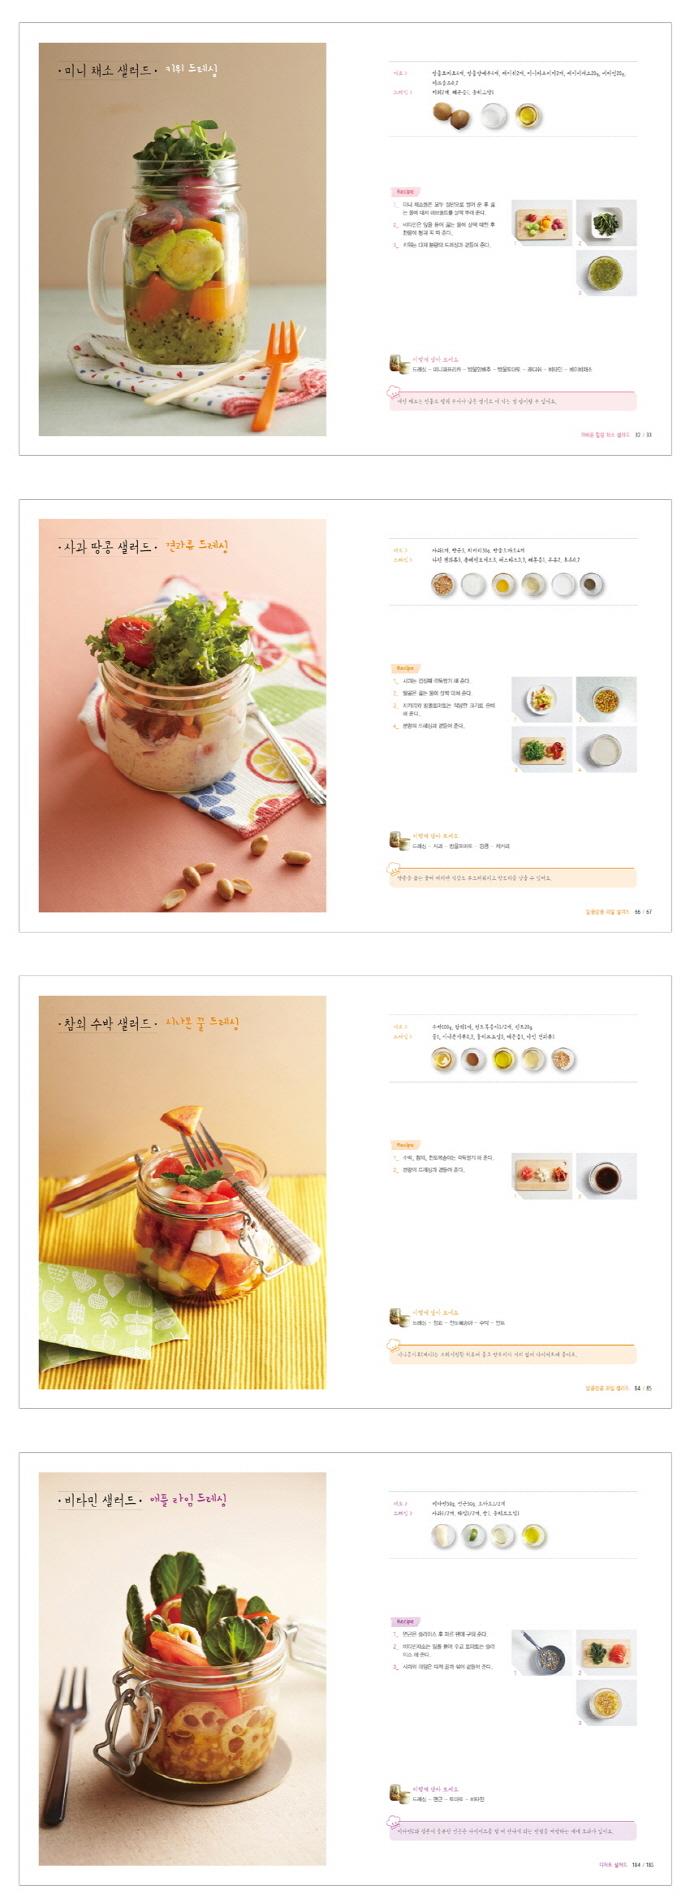 병 샐러드 다이어트 레시피(예쁘게 담아서 맛있게 먹는) 도서 상세이미지